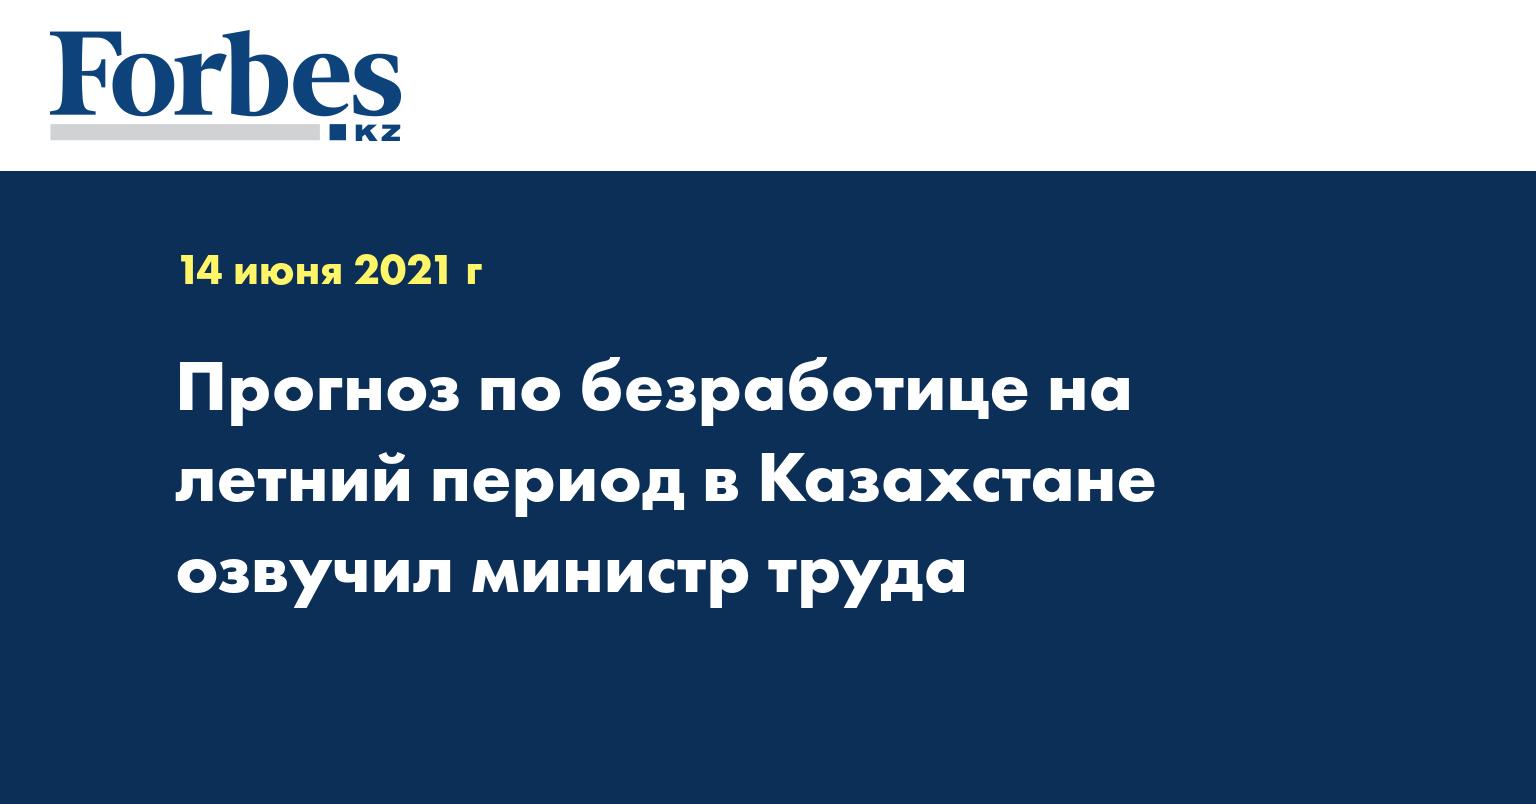 Прогноз по безработице на летний период в Казахстане озвучил министр труда